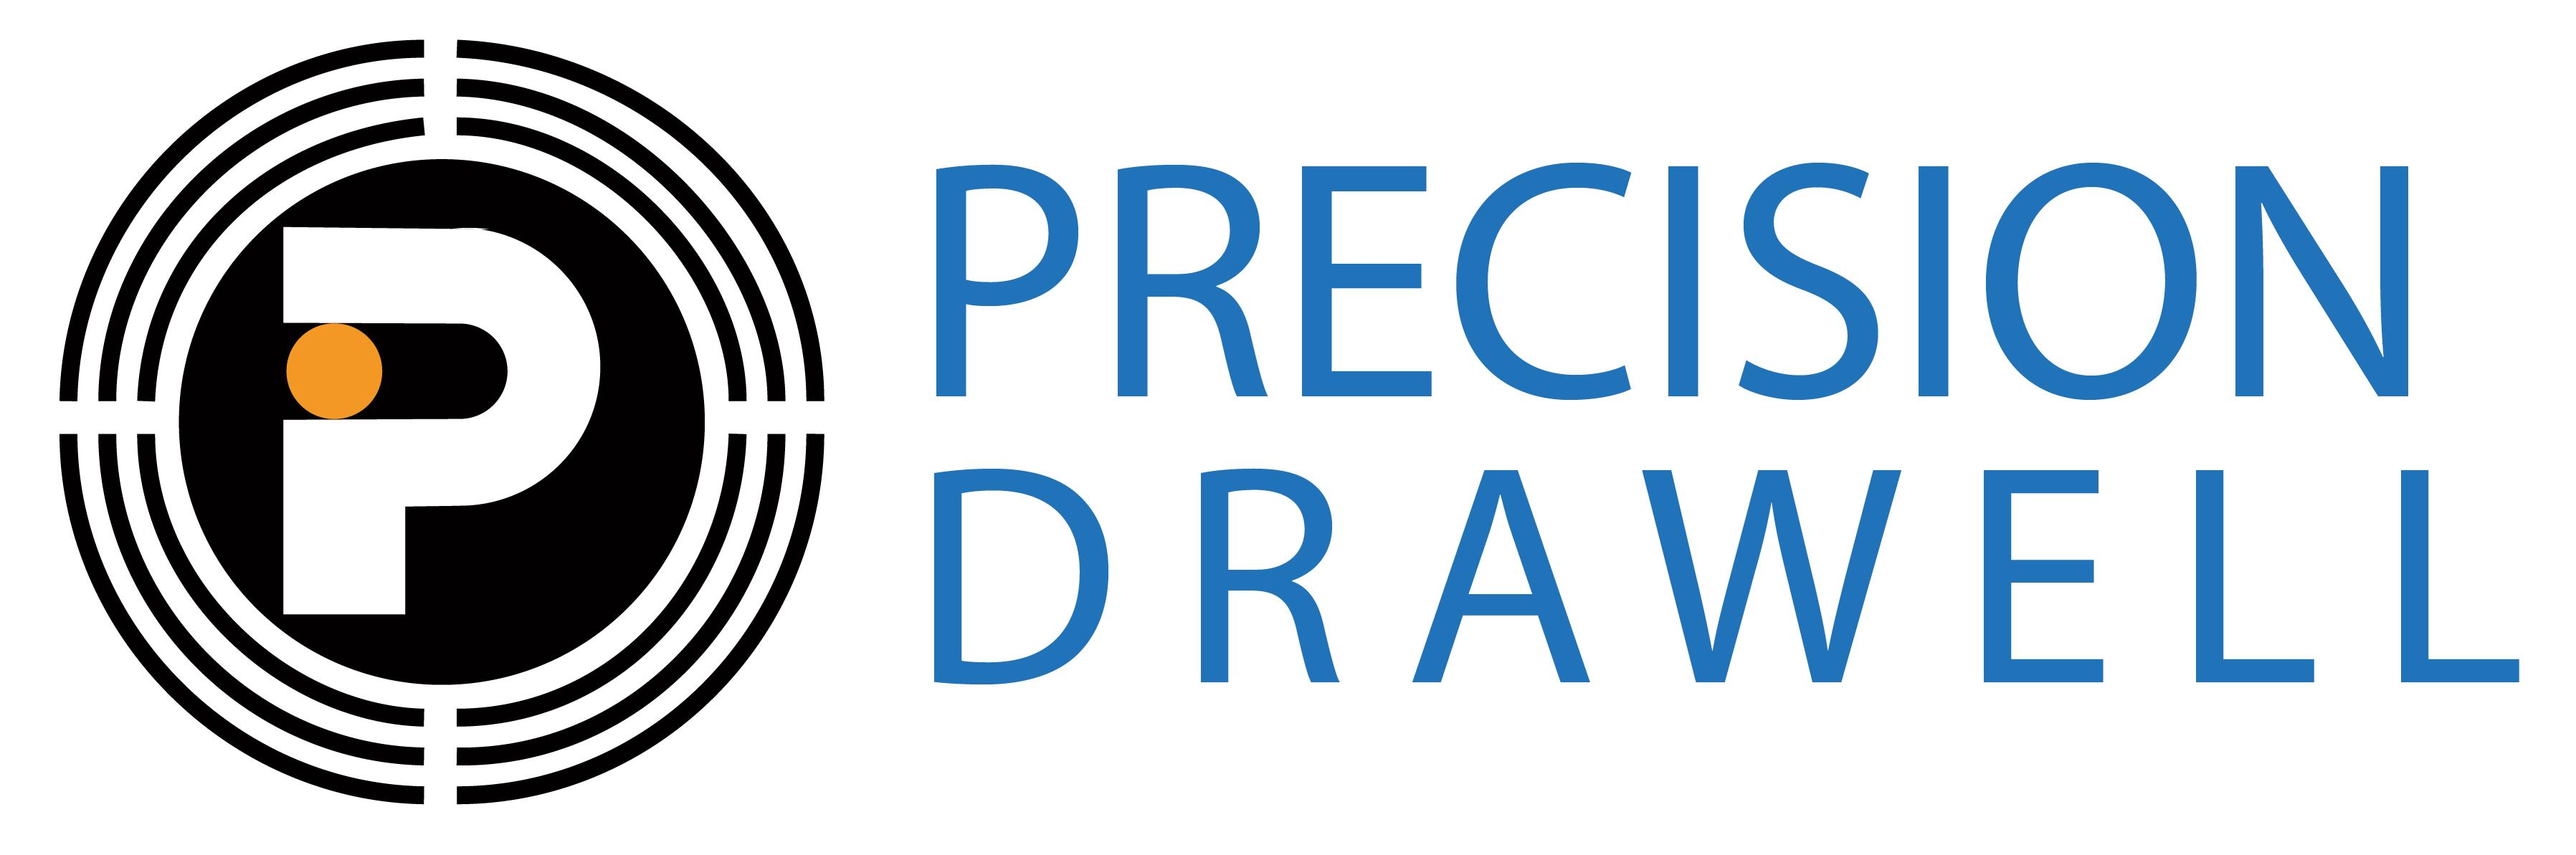 Precision Drawell